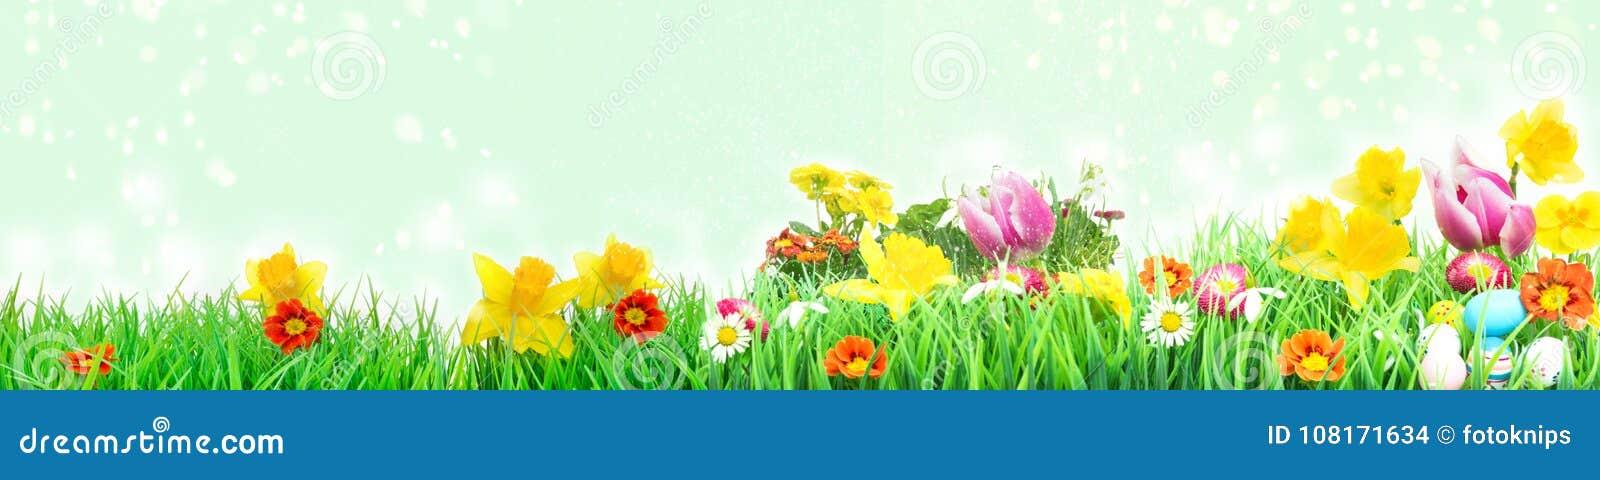 Påskäng, blommaäng med tulpan, påskliljor